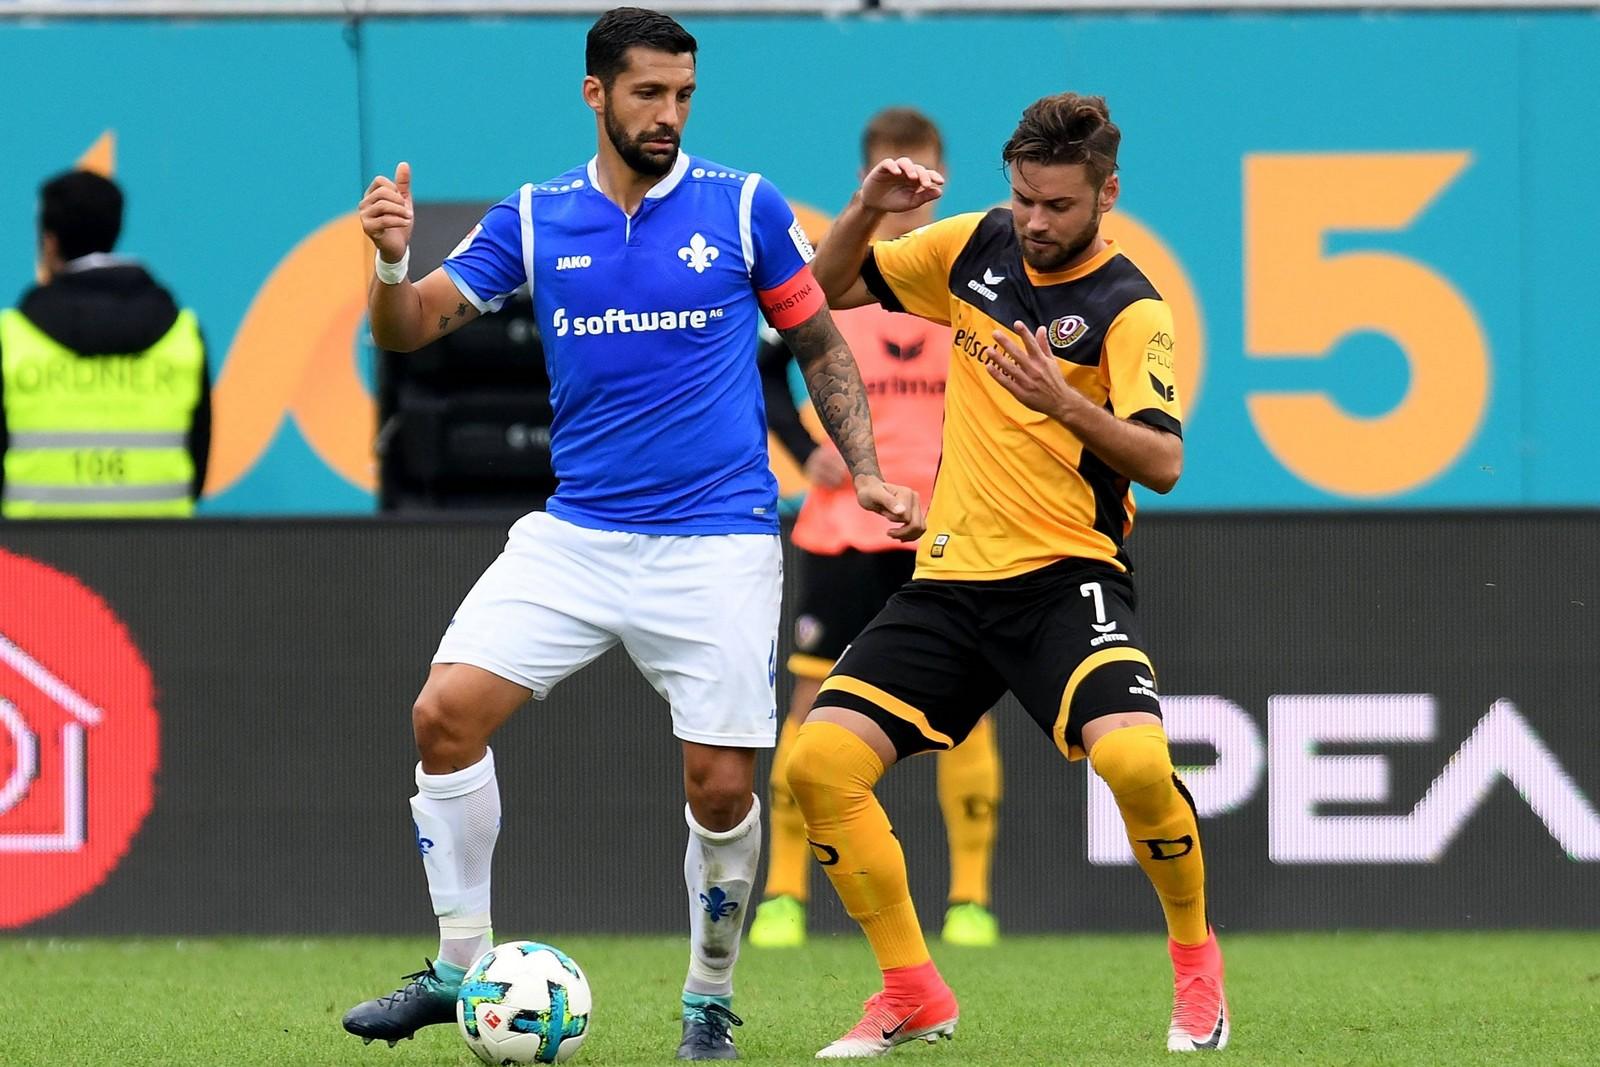 Behauptet sich Aytac Sulu gegen Niklas Kreuzer? Jetzt auf Darmstadt gegen Dresden wetten.